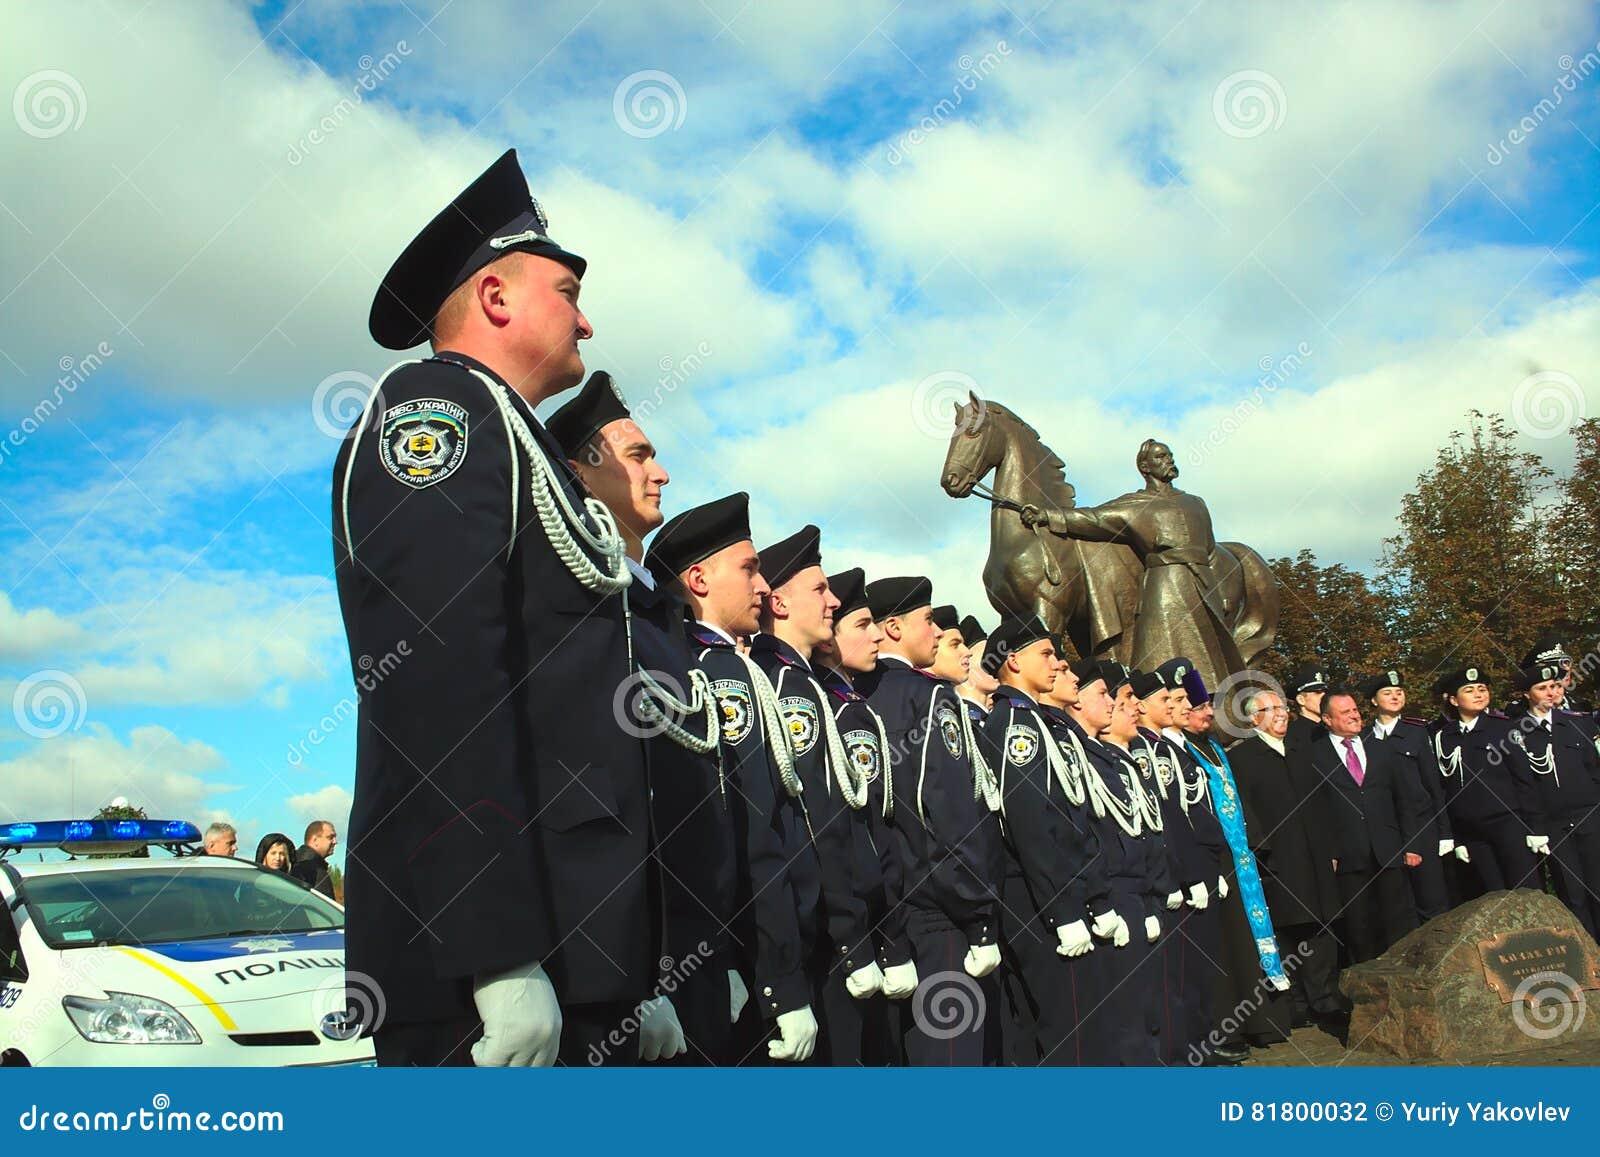 Фото молодых полицейских в Украине